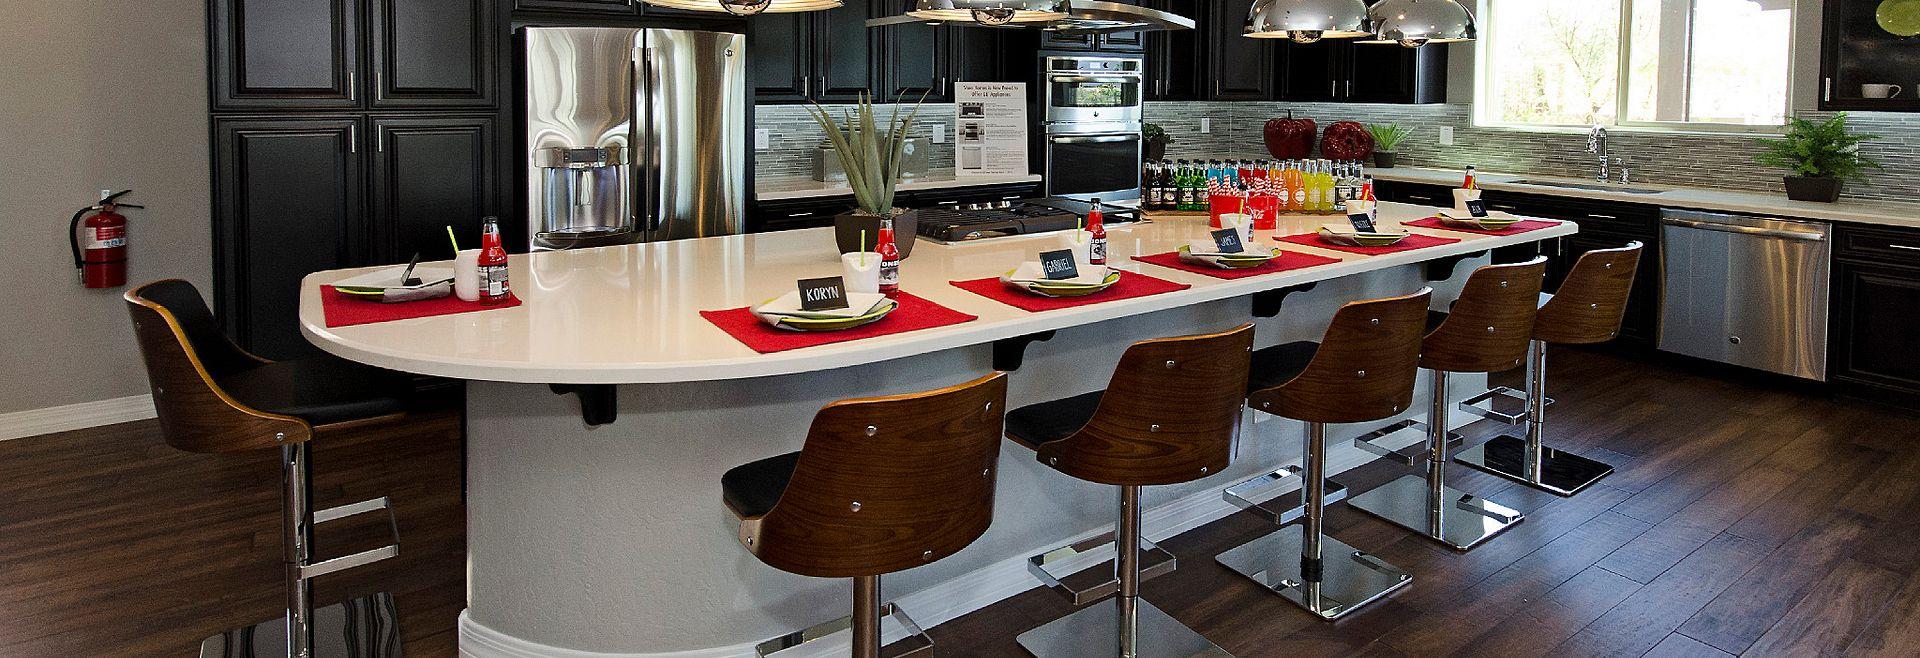 Inspire at Estrella Excite Plan Kitchen